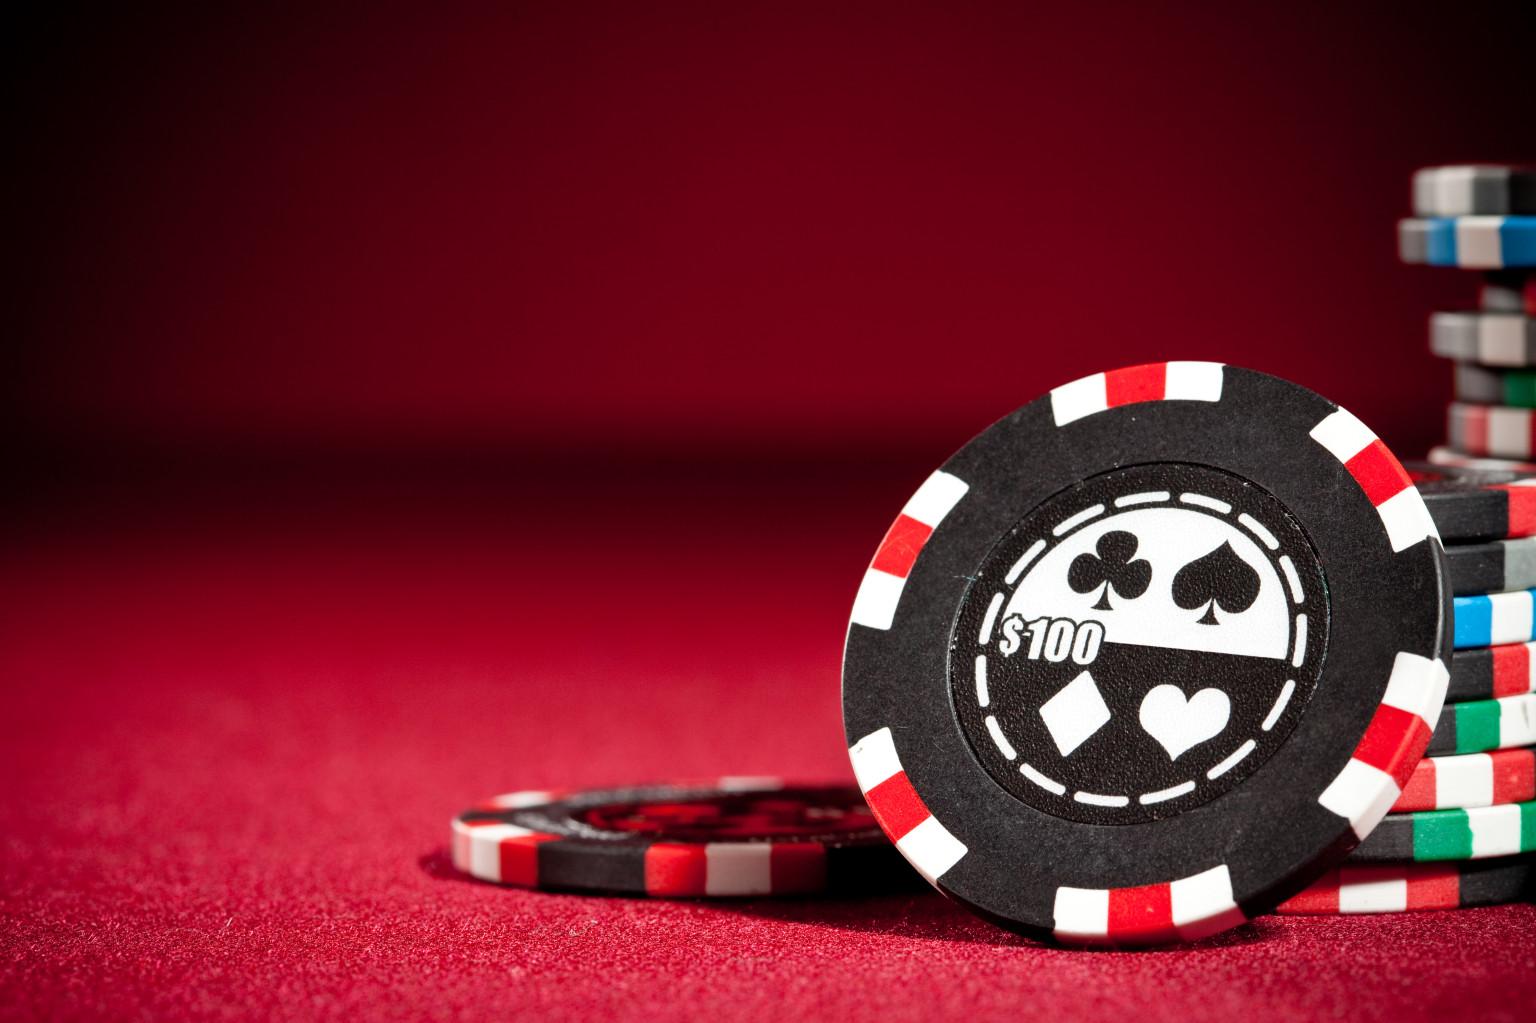 Jeux casino : les bonus et avantages